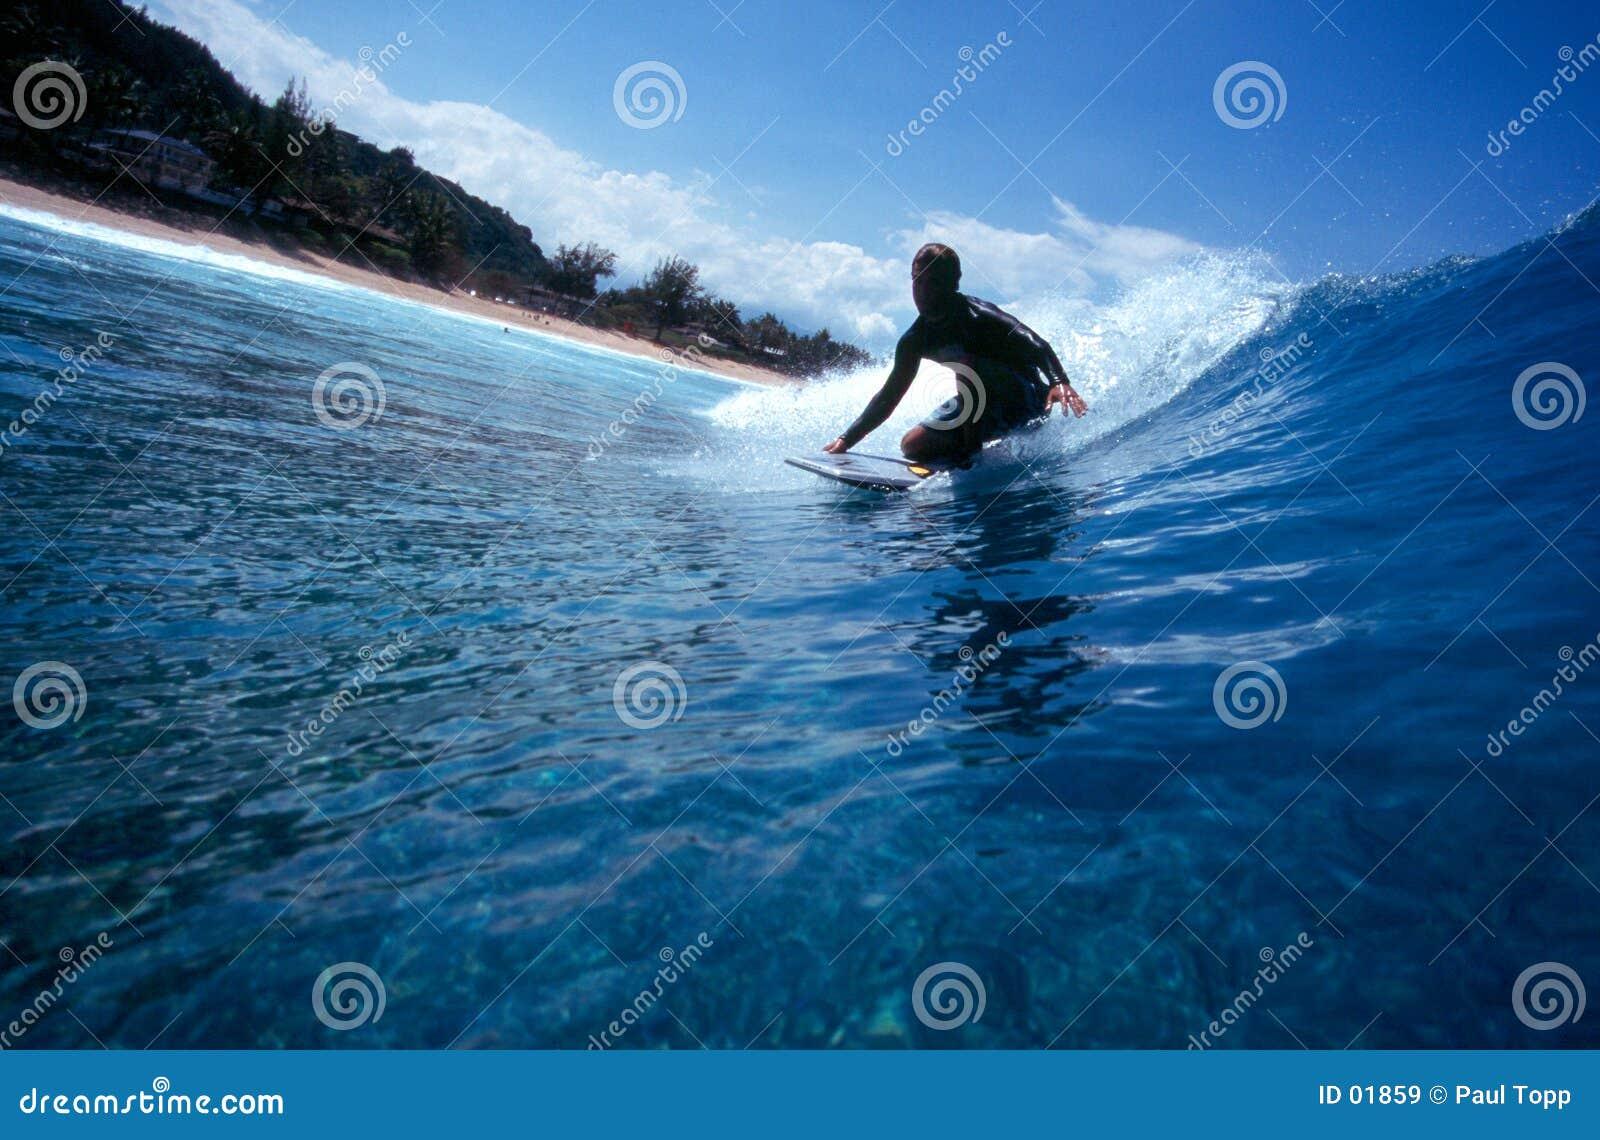 голубой заниматься серфингом Гавайских островов bodyboard